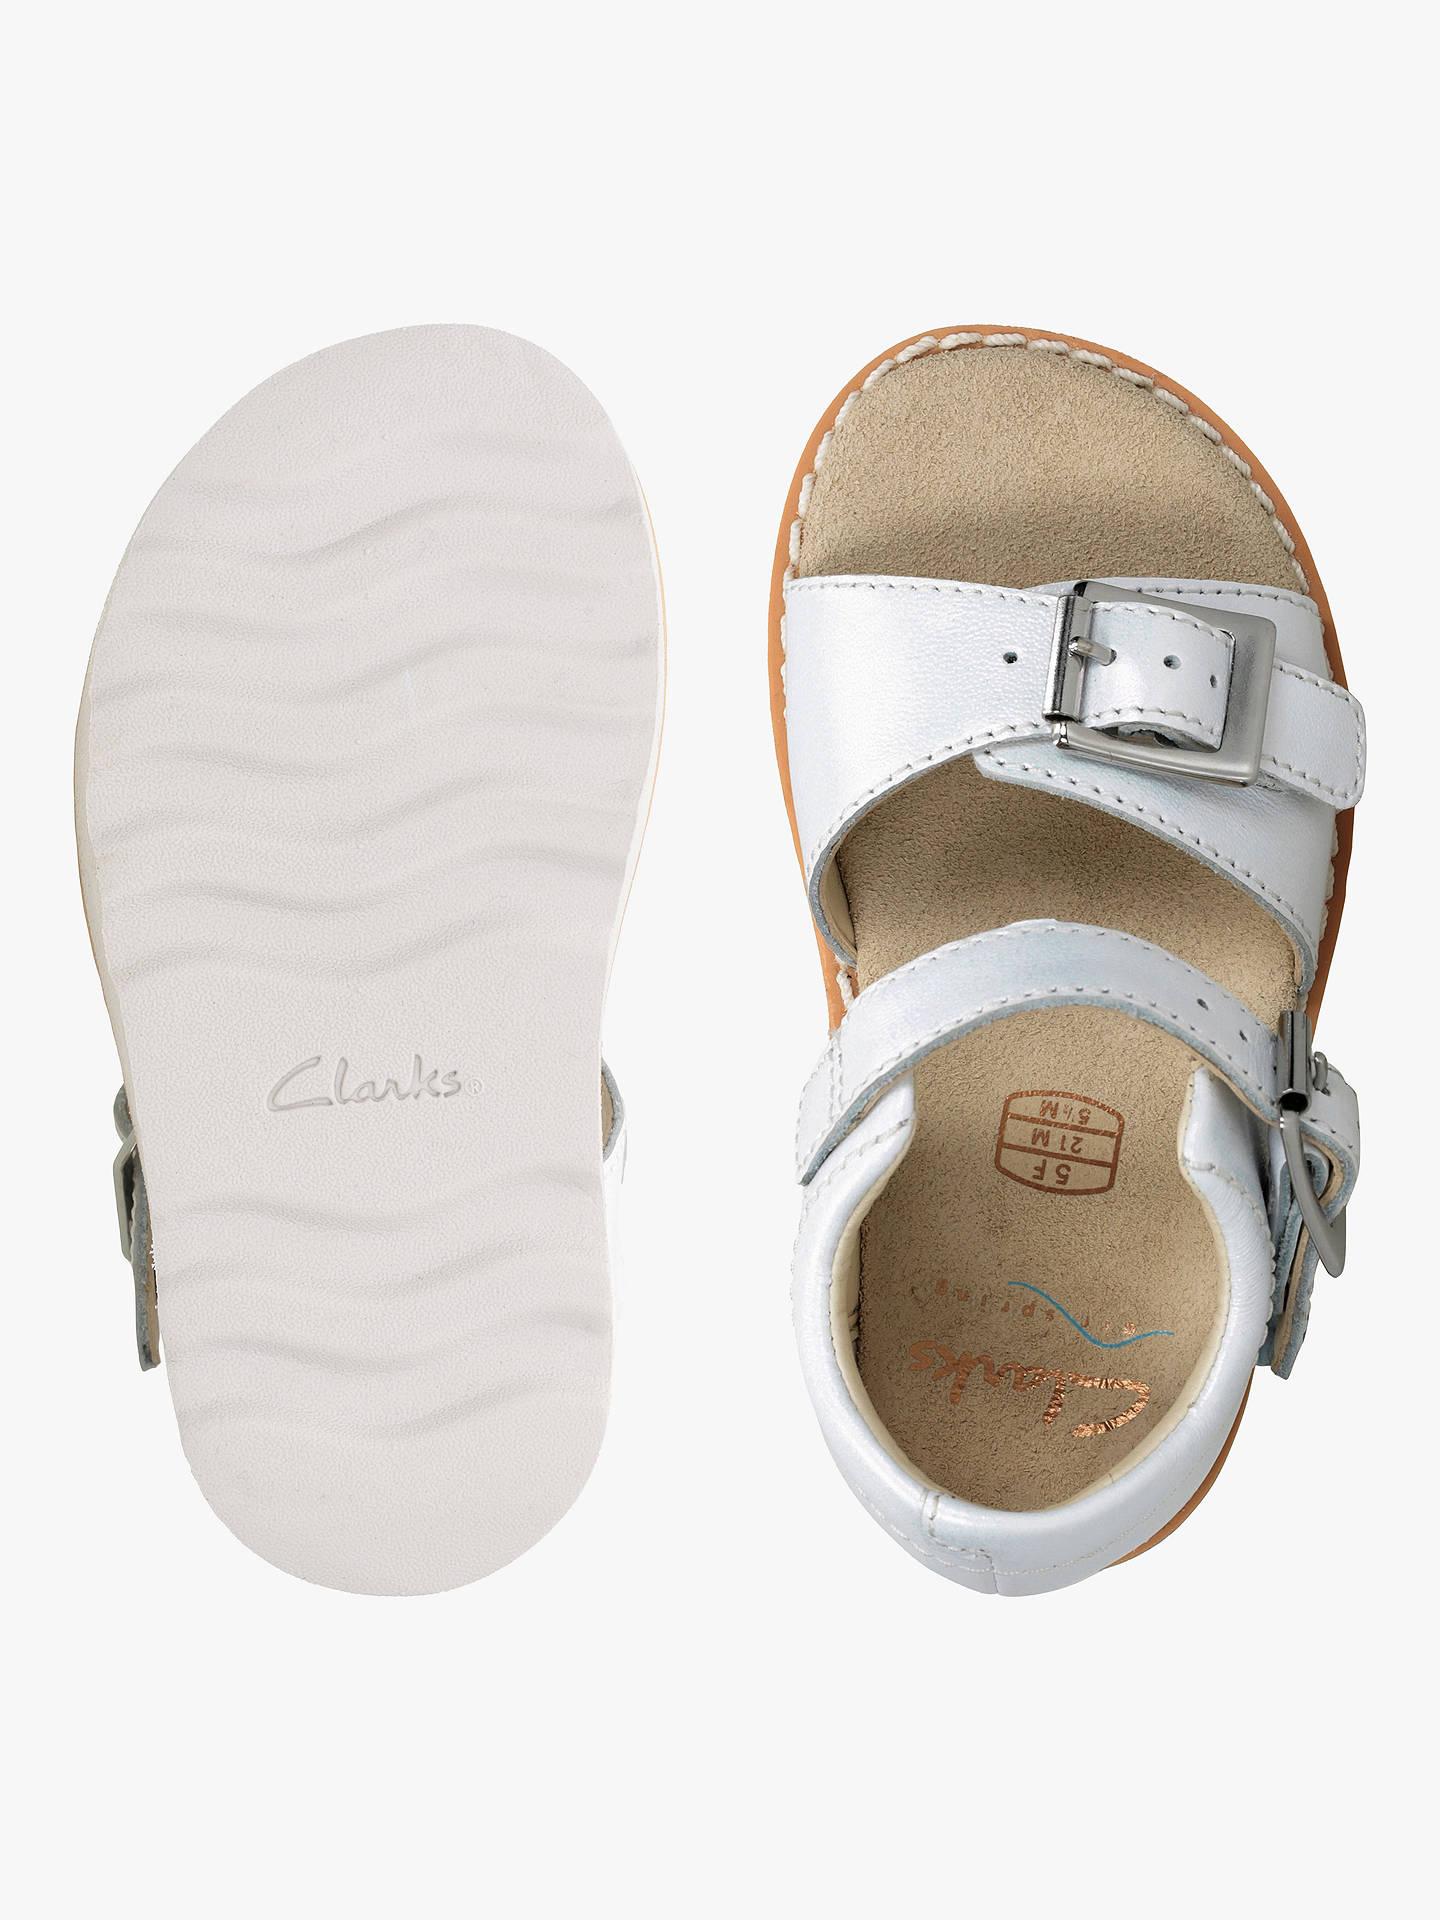 Clarks Children's Crown Bloom Sandals, White at John Lewis